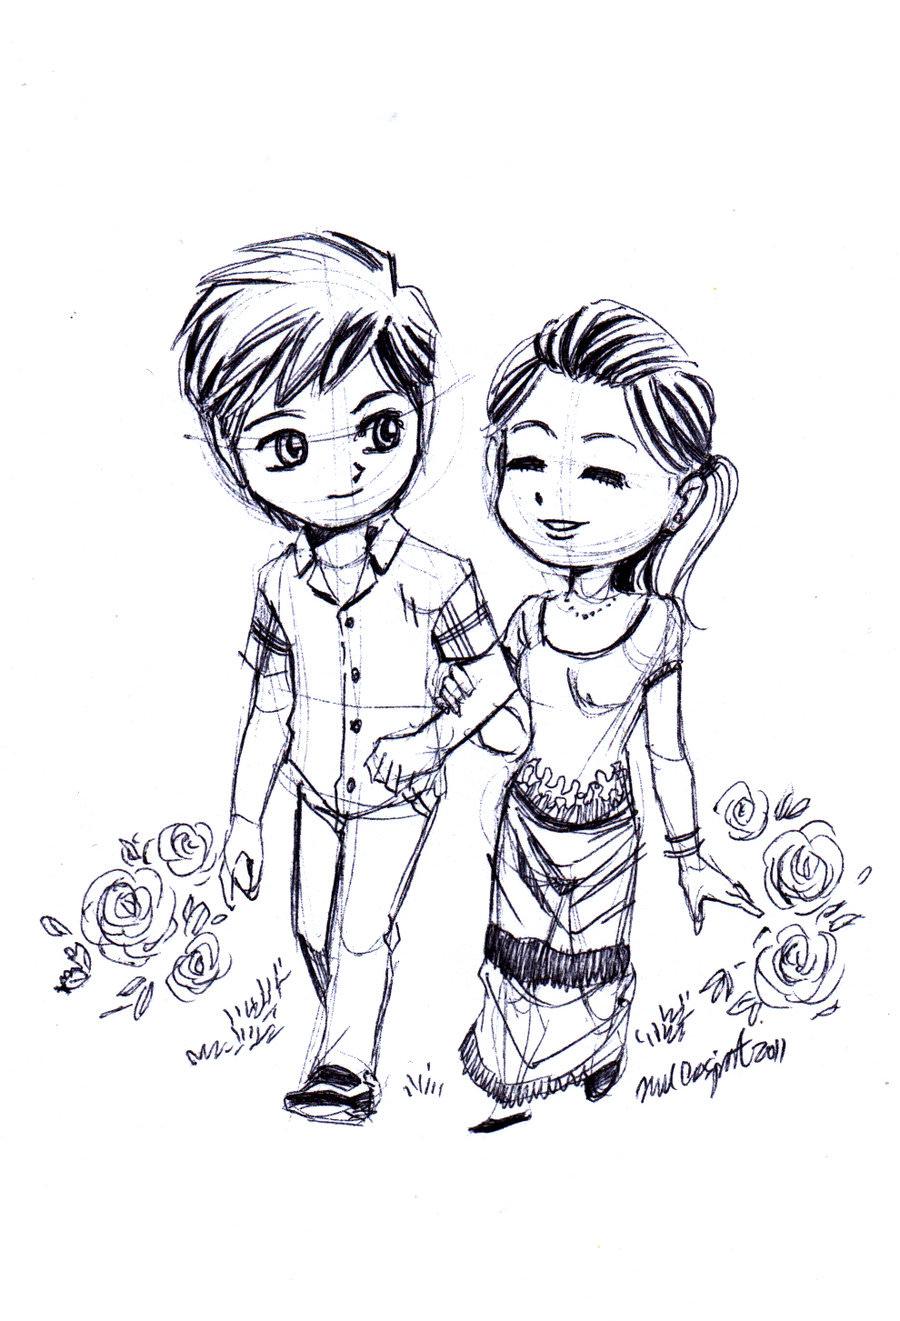 900x1321 Love Drawings Cartoon Cute Cartoon Drawings Tumblr Cute Easy